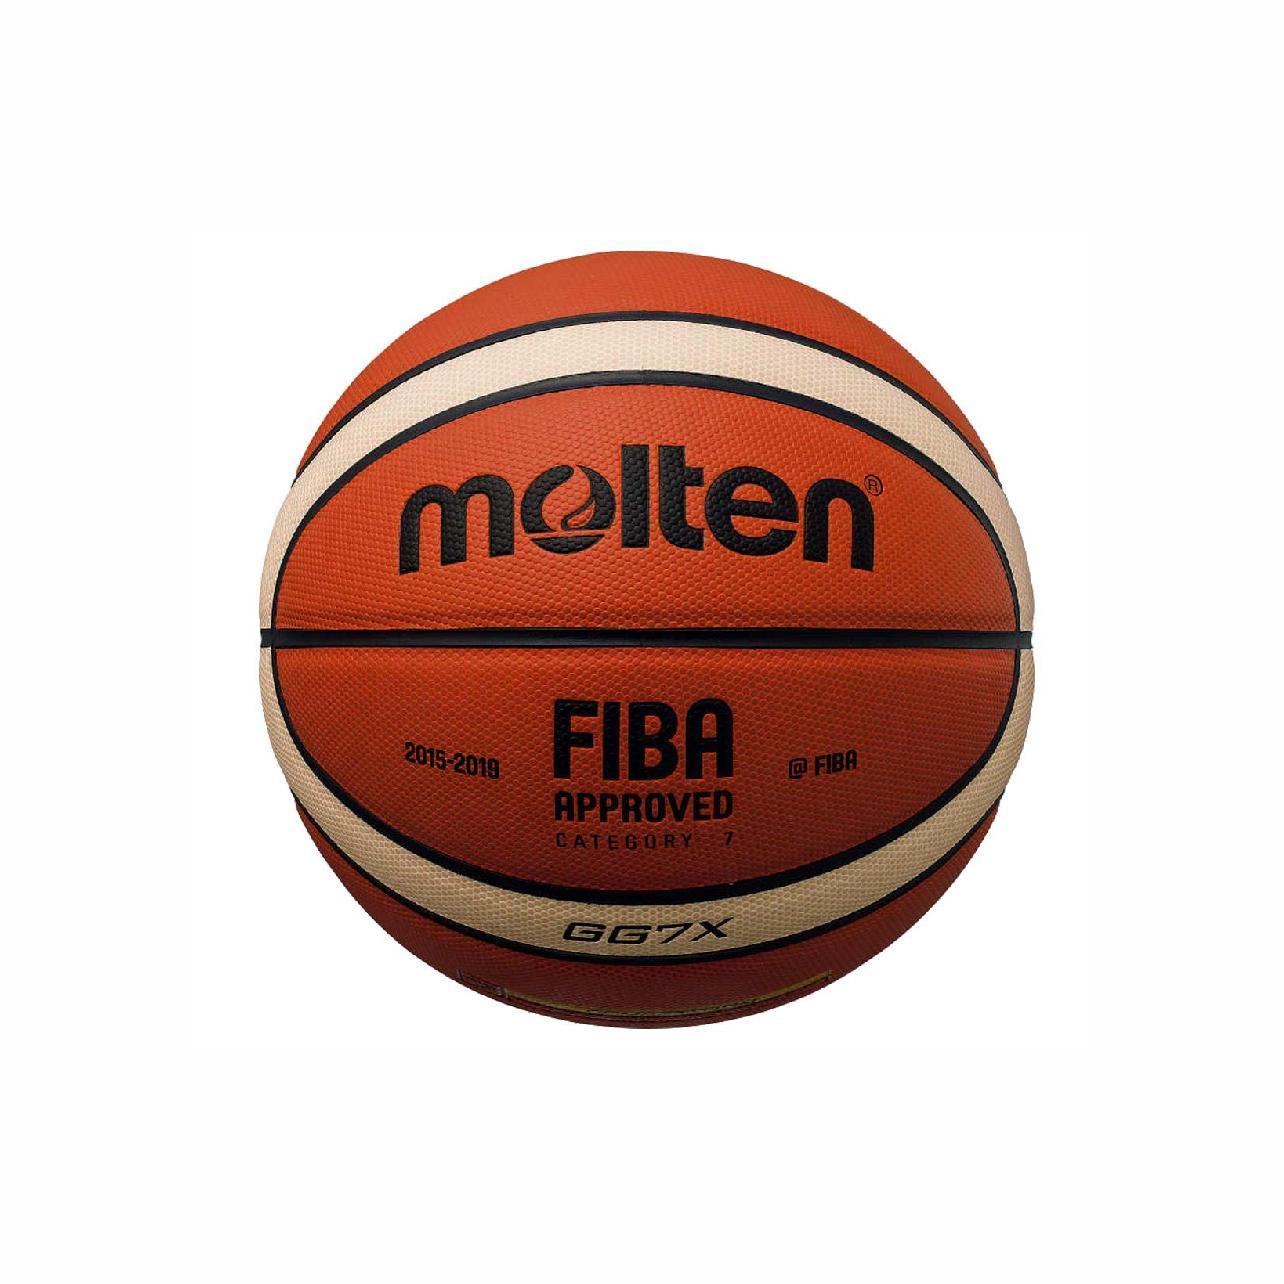 Molten Bgg Match Basketball